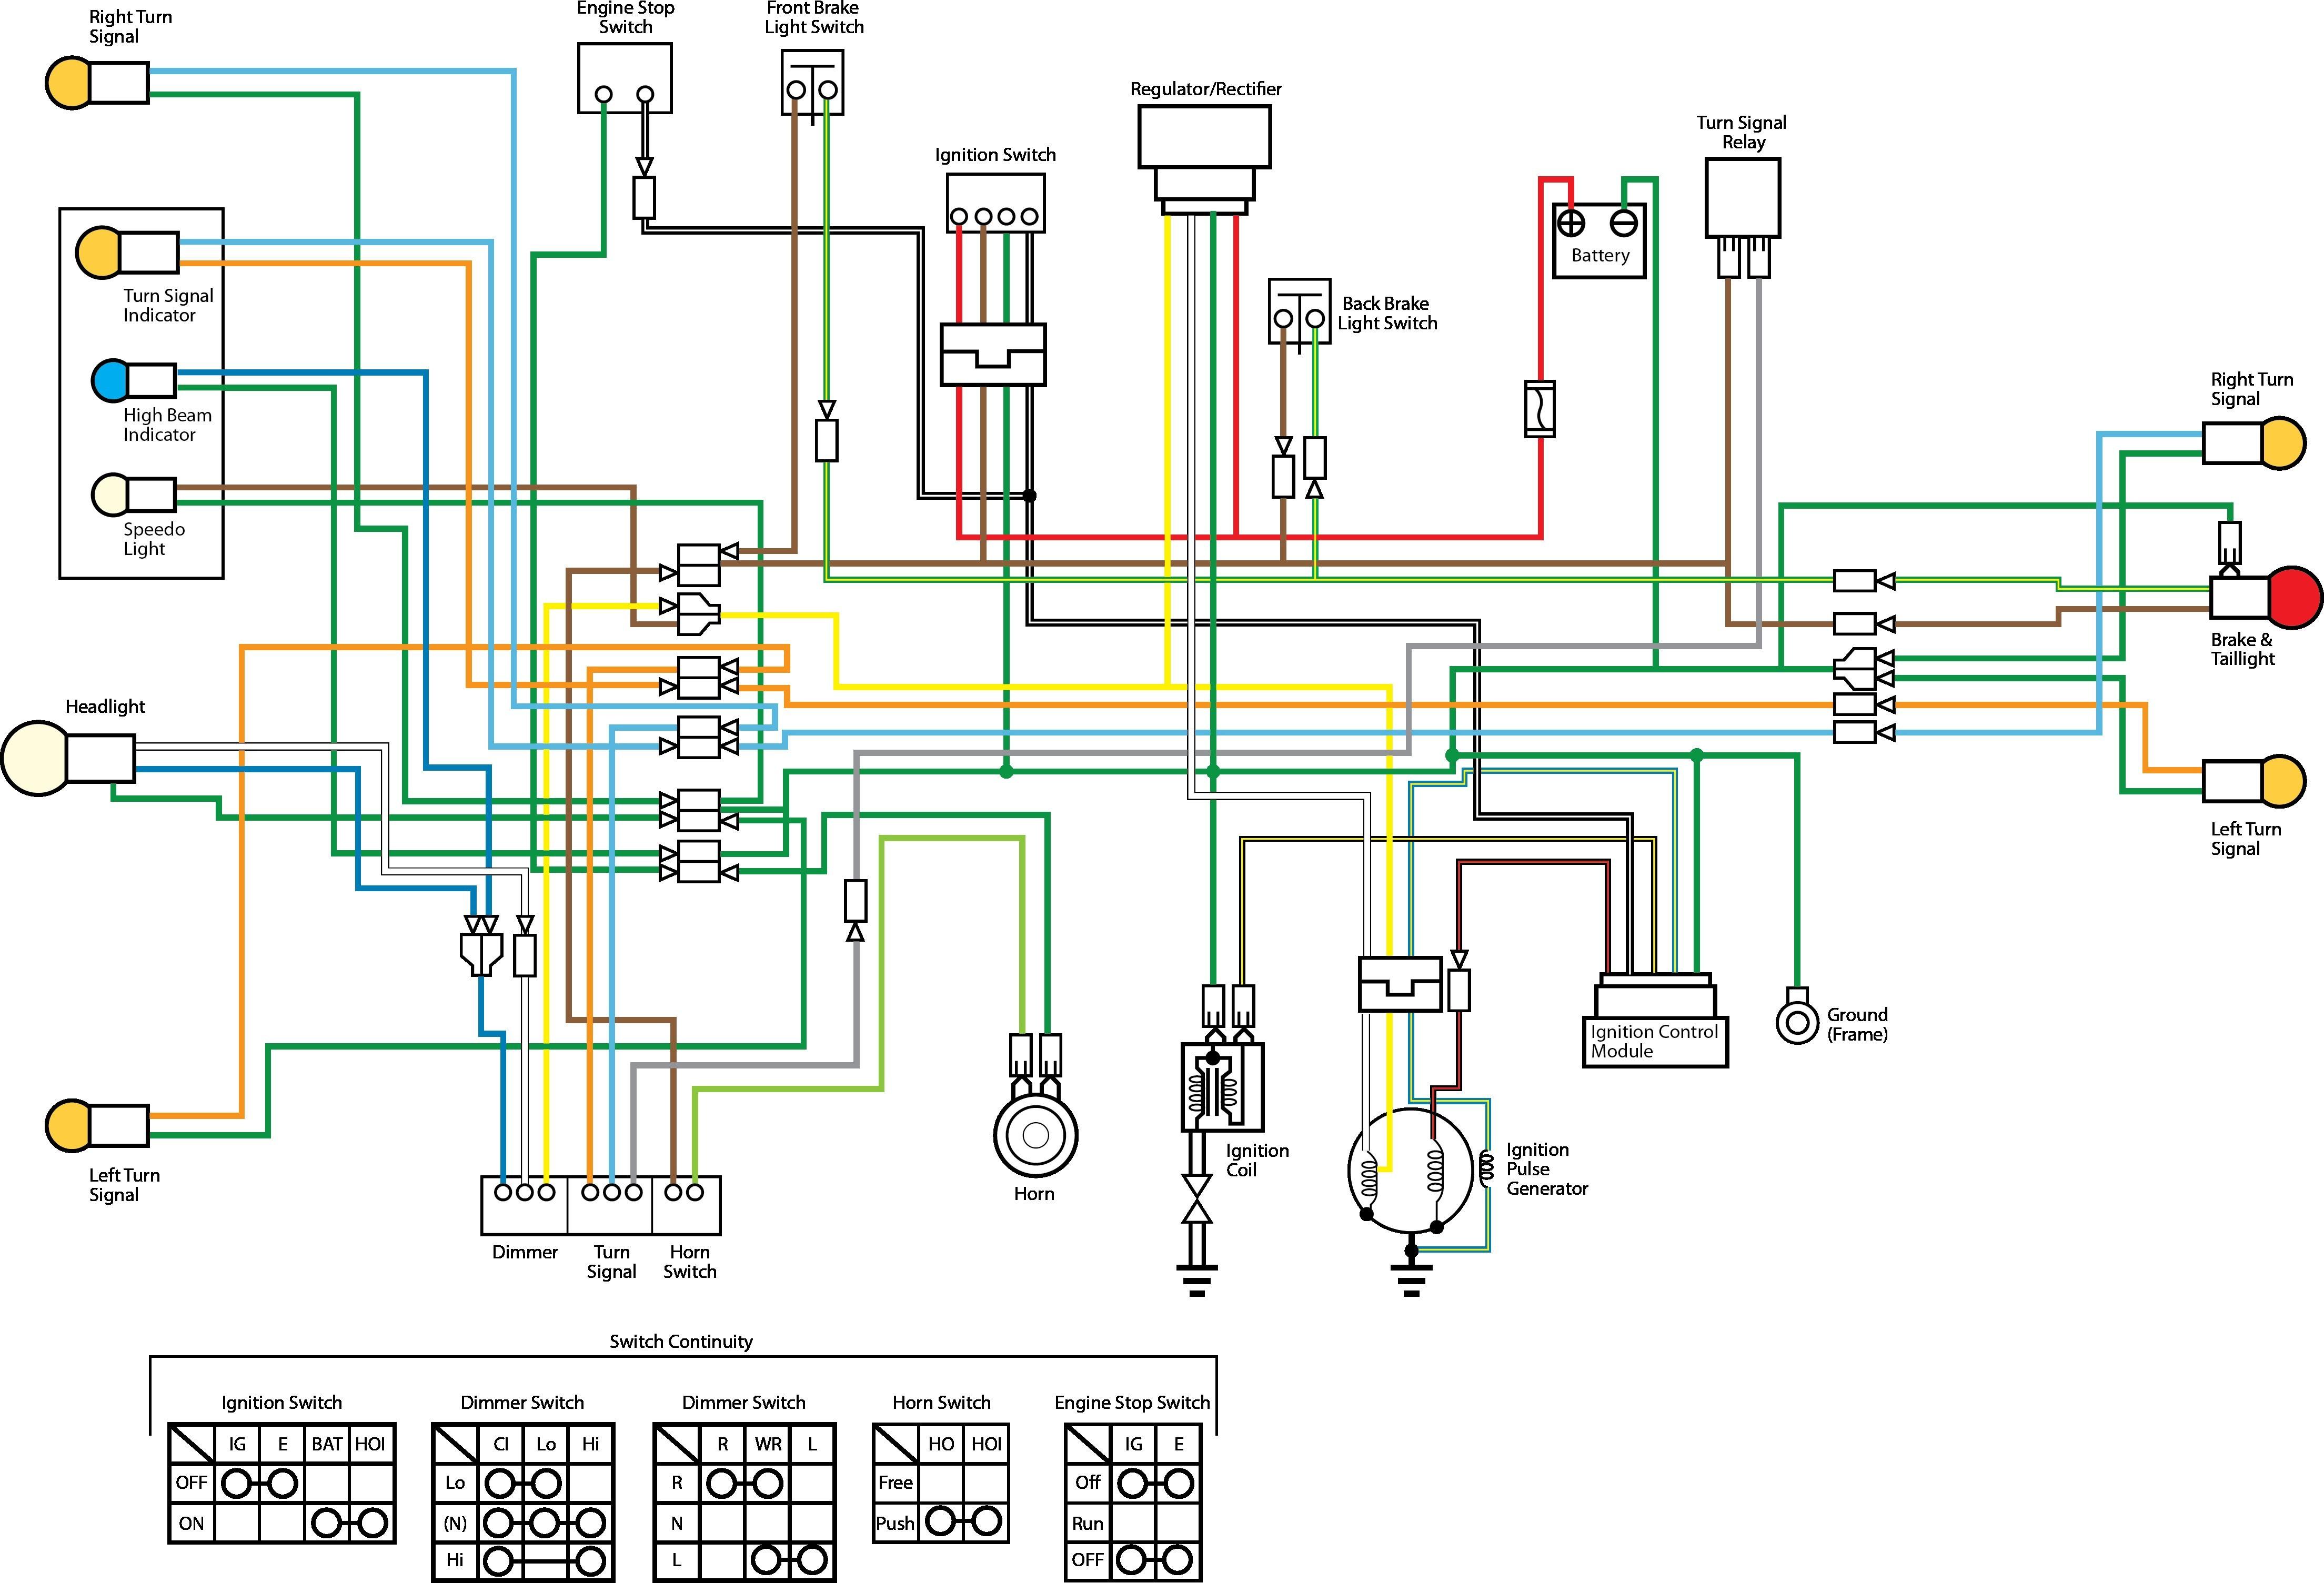 Stop Light Diagram Honda 125 Cdi Wiring Diagram Wiring Diagram Data today Of Stop Light Diagram